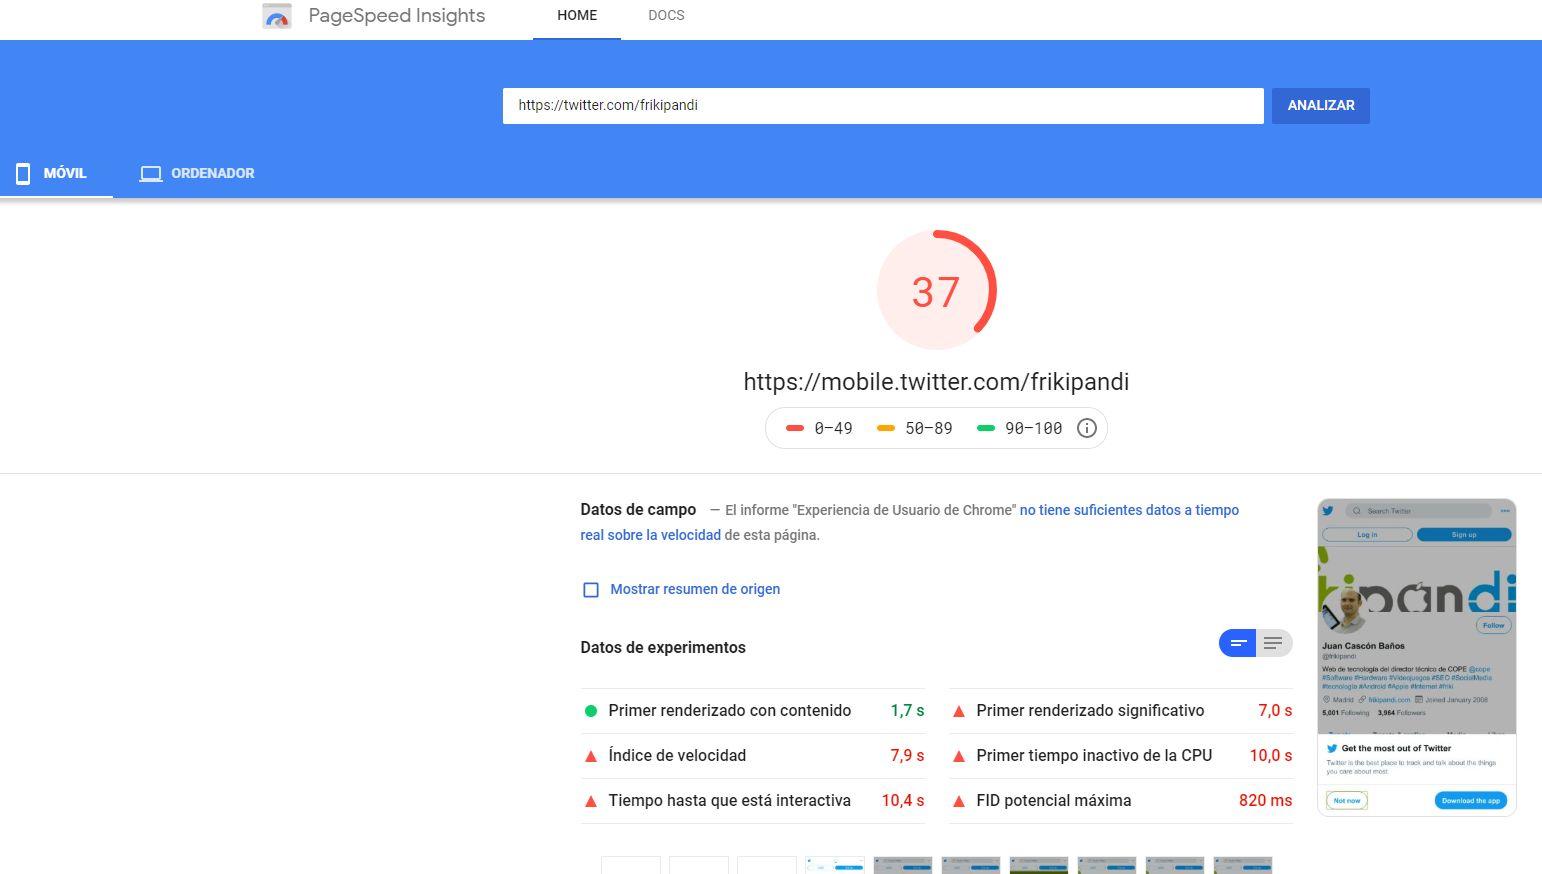 Antiguo diseño de Twitter en Google Page Speed